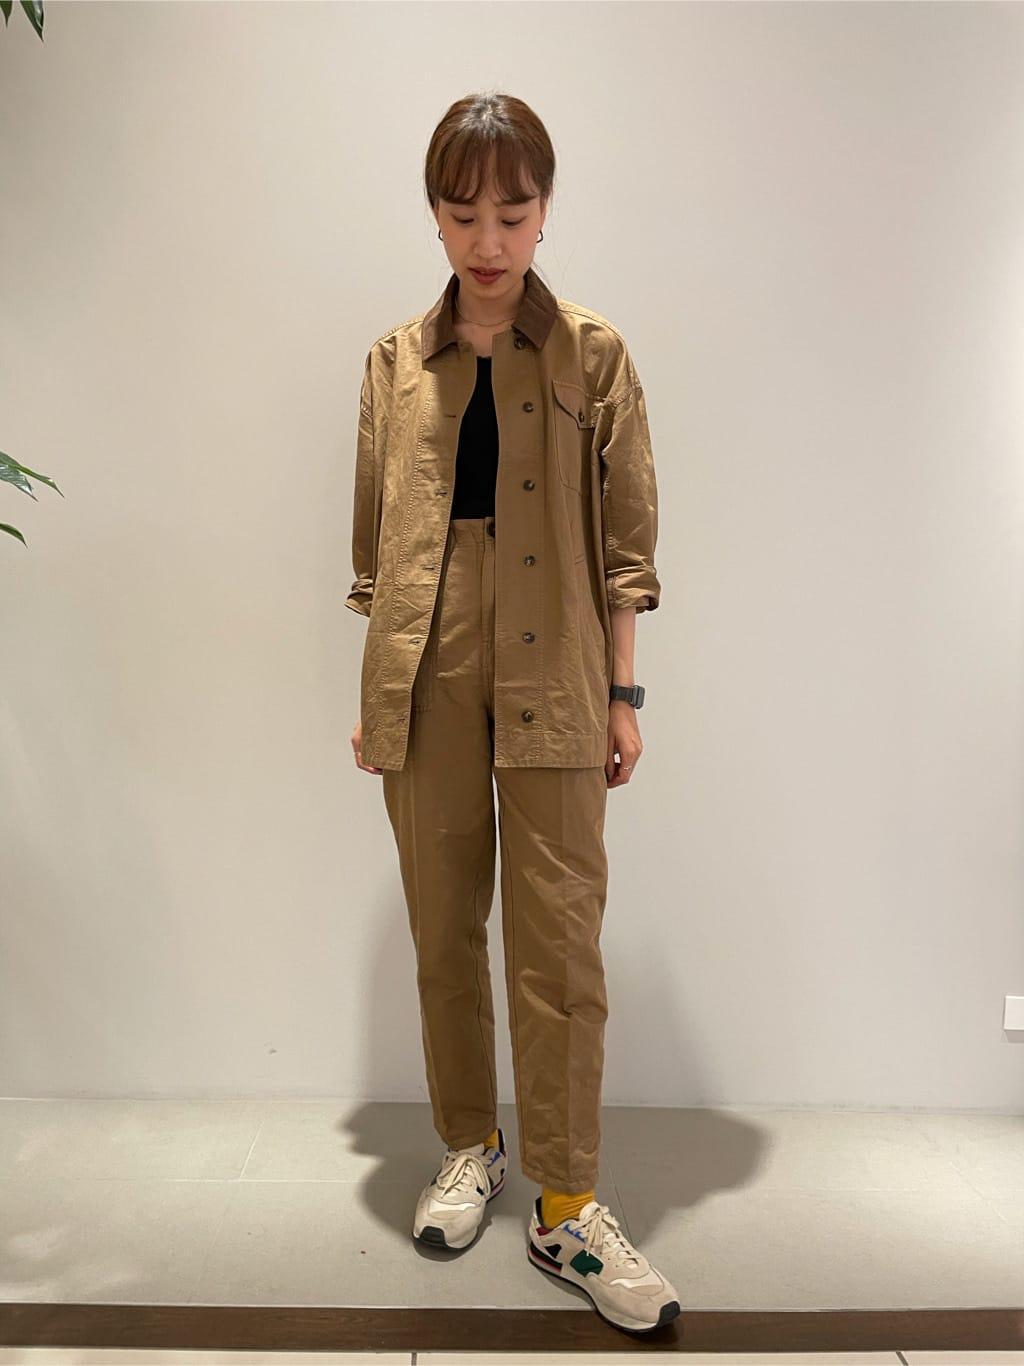 yuni 二子玉川ライズ 身長:164cm 2021.09.07